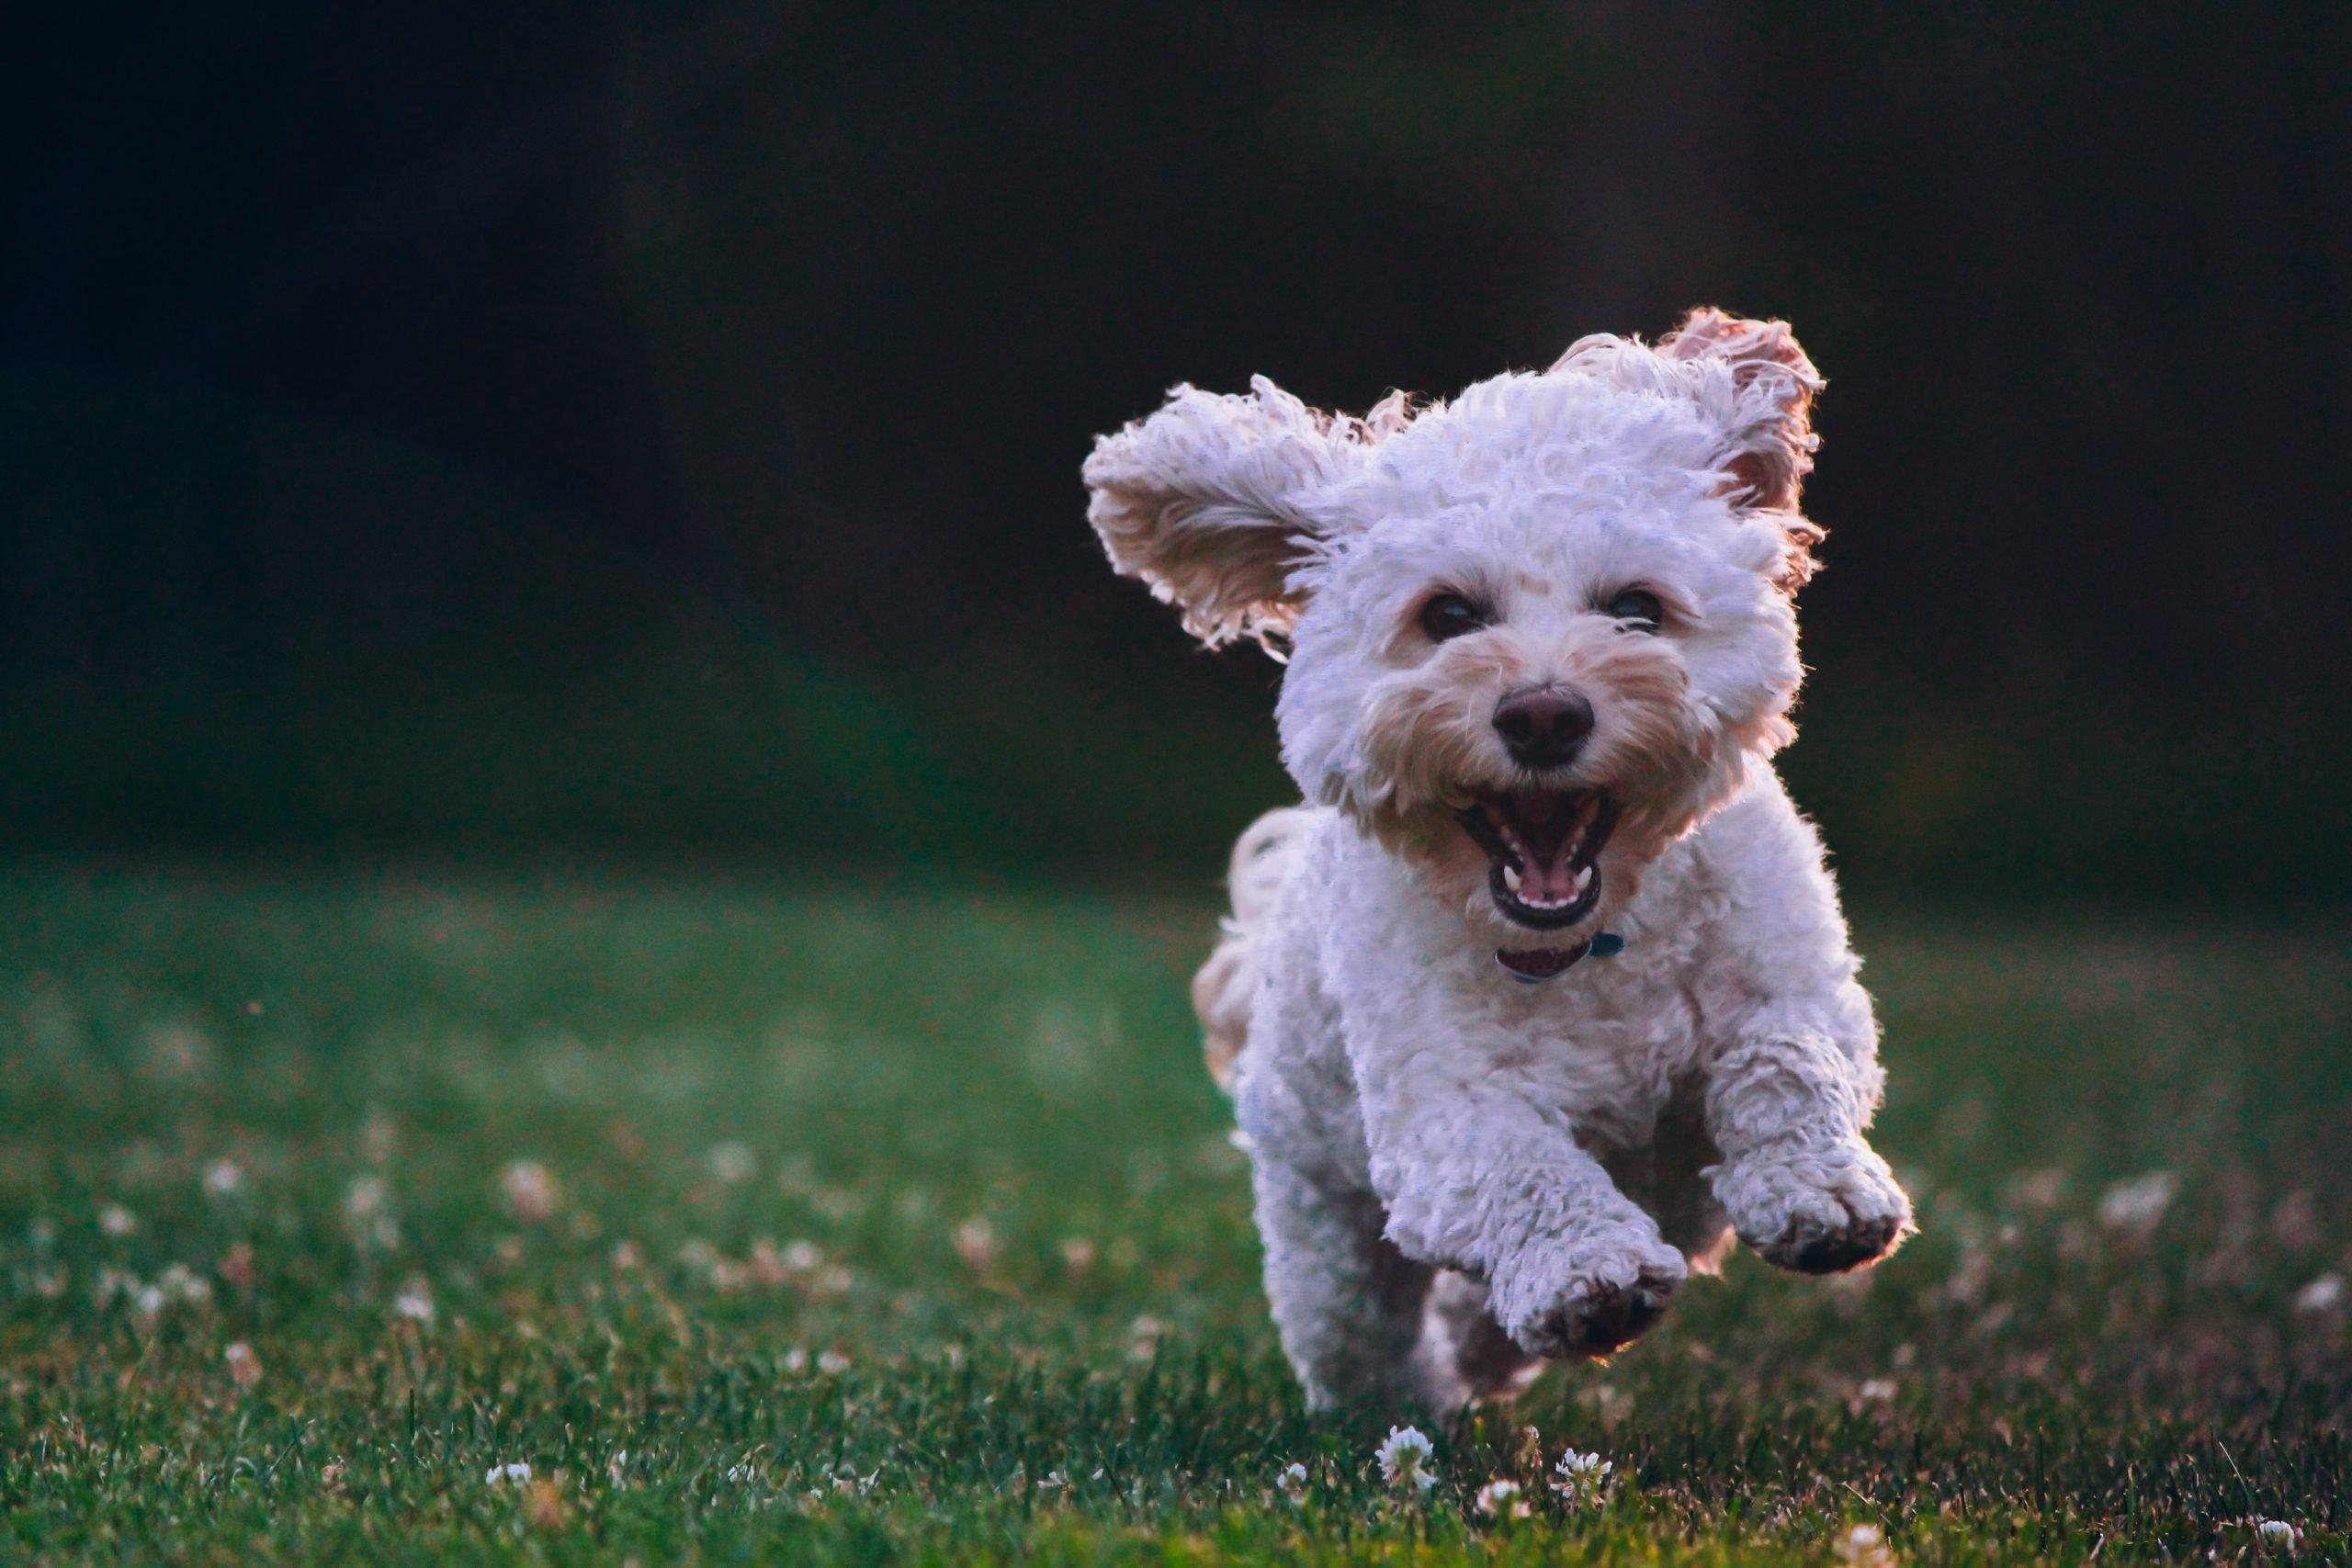 Cachorro respirando rápido: ¿Deberías preocuparte?